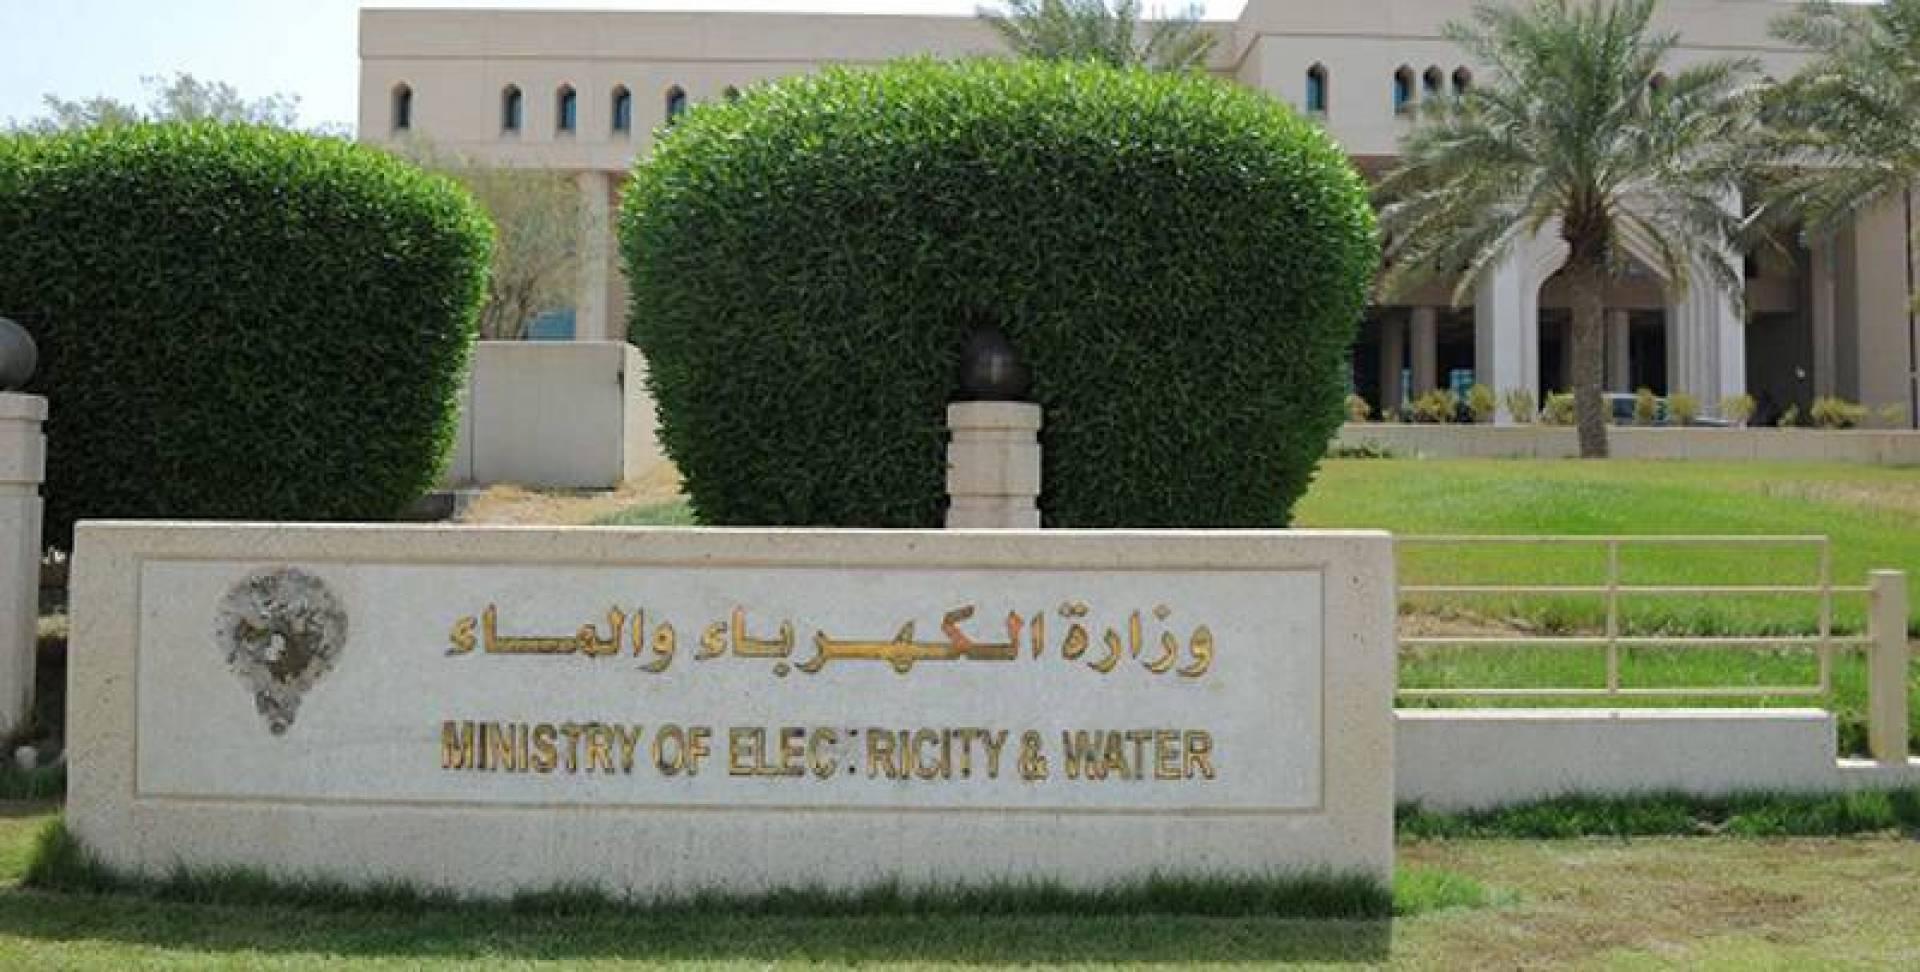 ٢٠٢٠١٢٠٣ ١٧٤١٠٢ - انقطاع التيار الكهربائي عن عدة مناطق في الجهراء.       #العبدلي_نيوز